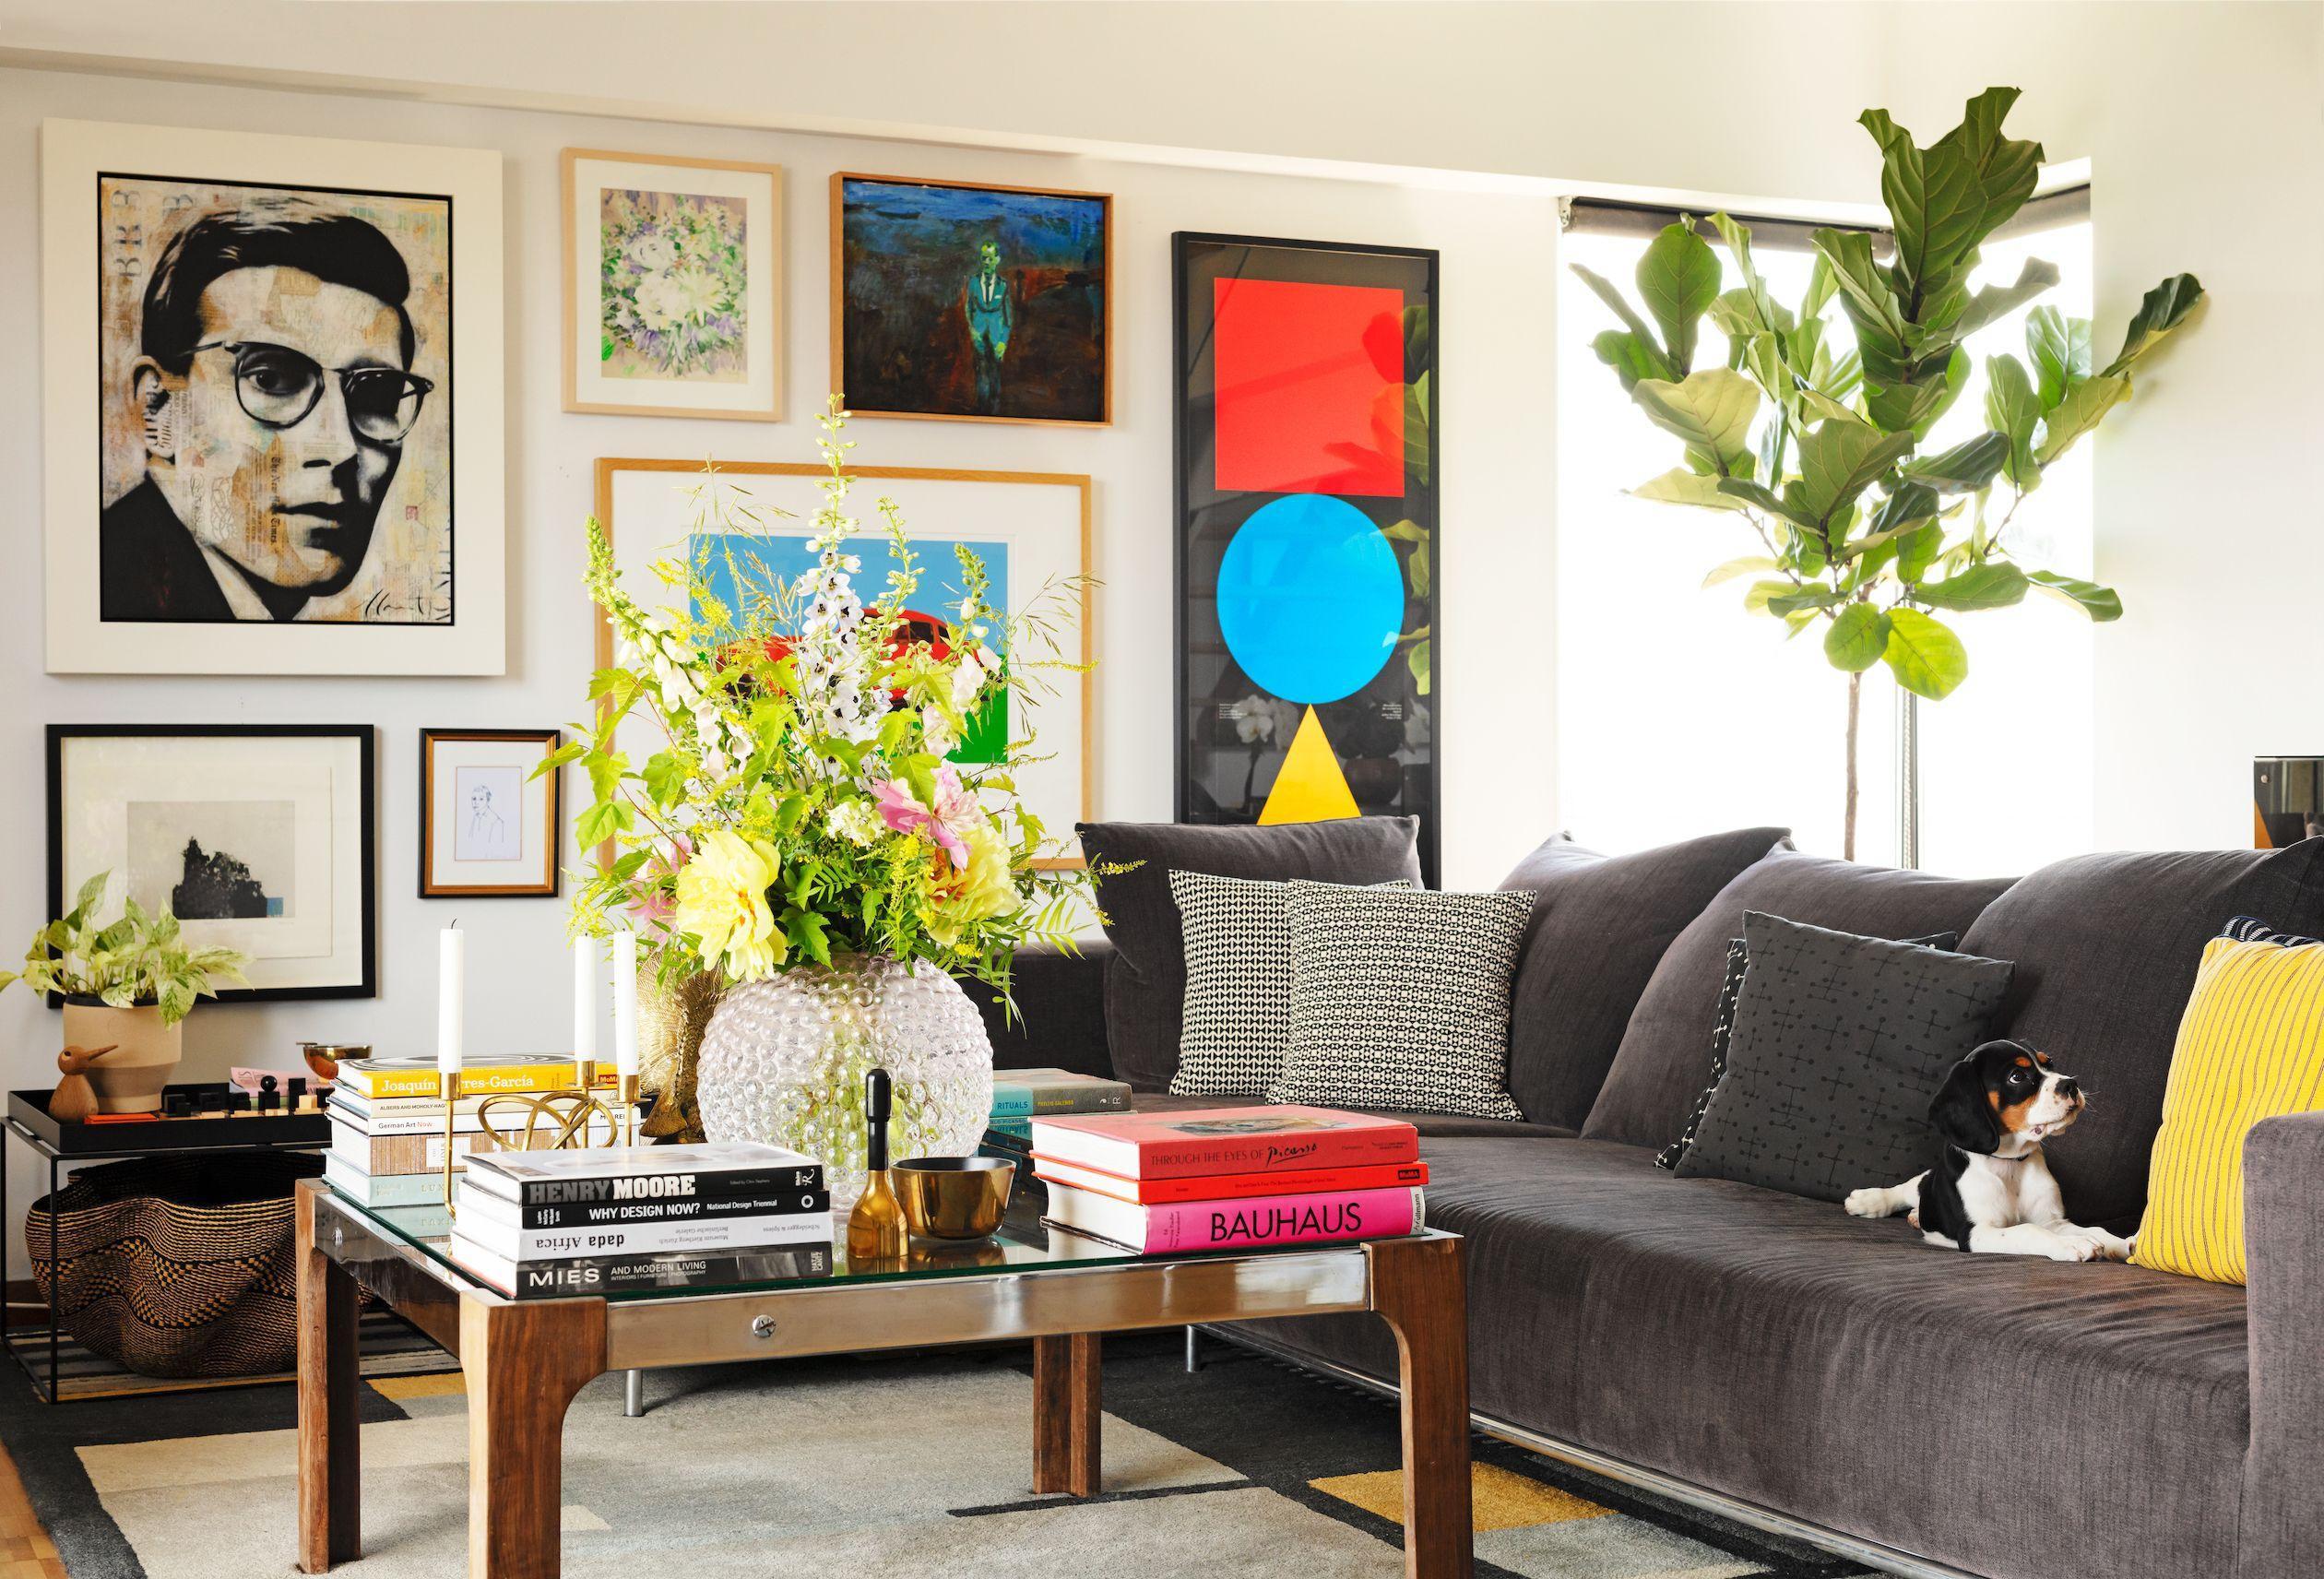 Hãy treo lên đó những món đồ décor lớn và ấn tượng hoặc một bức tranh nghệ thuật, hoặc cả hai luôn